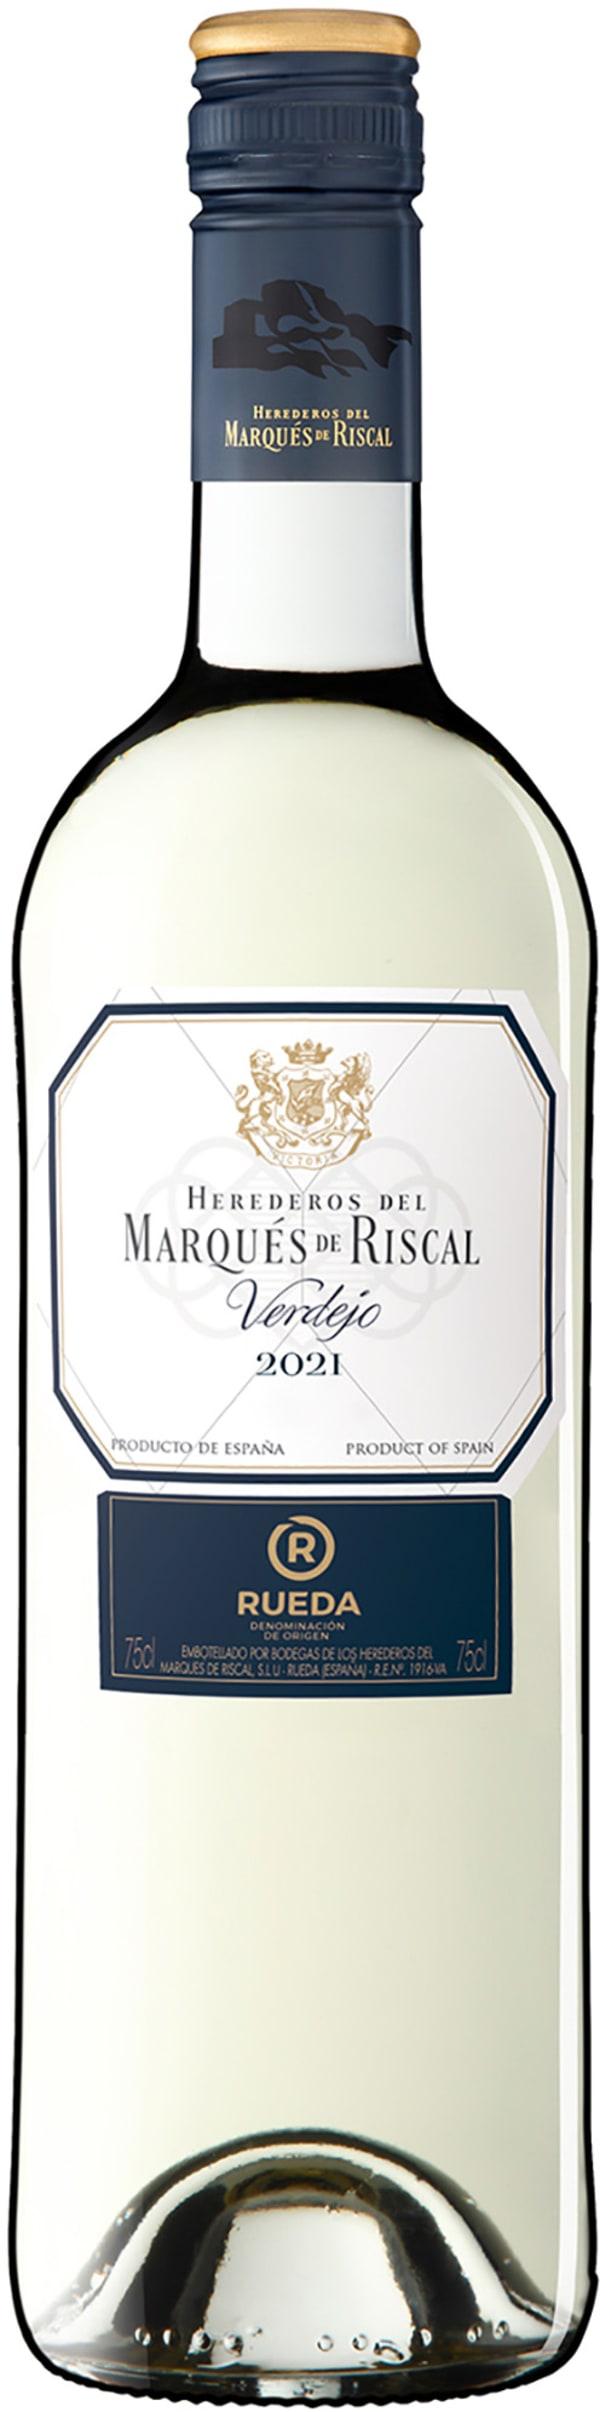 Marqués de Riscal Organic Verdejo 2016